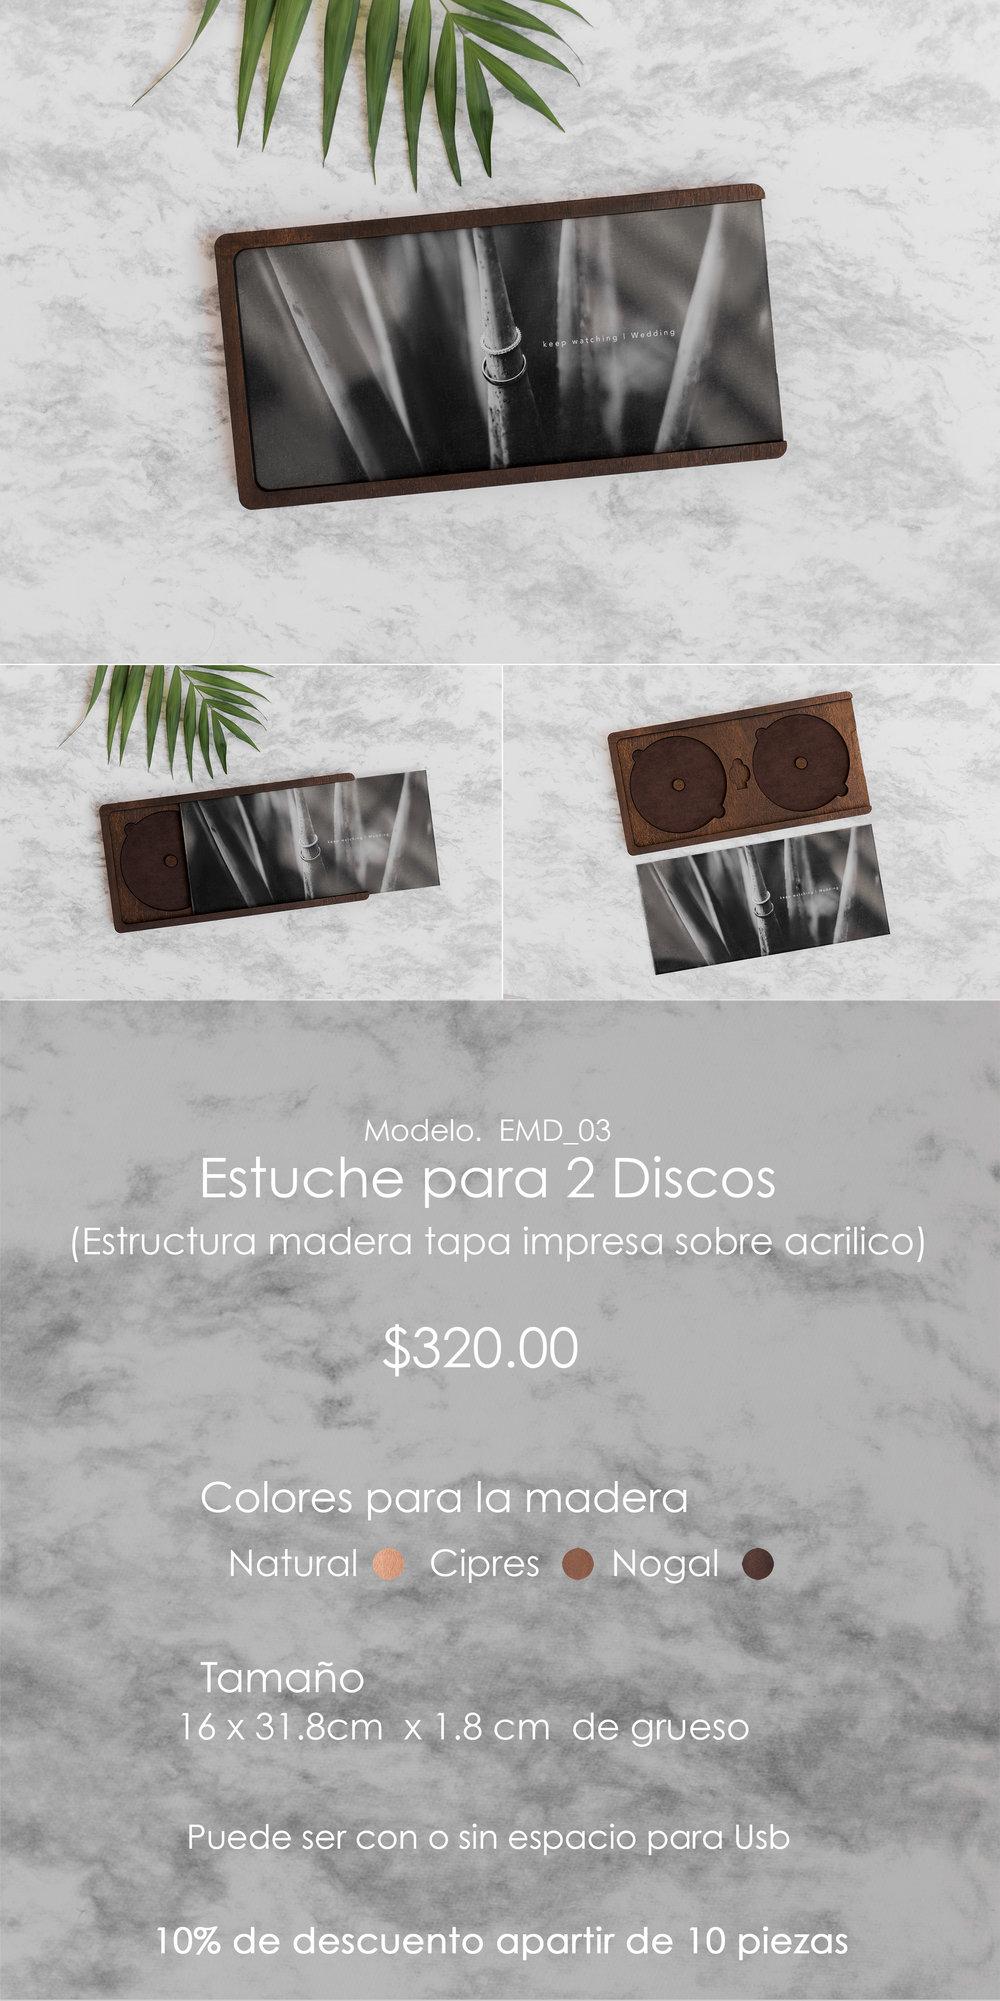 Estuche 2 discos Madera/Acrilico